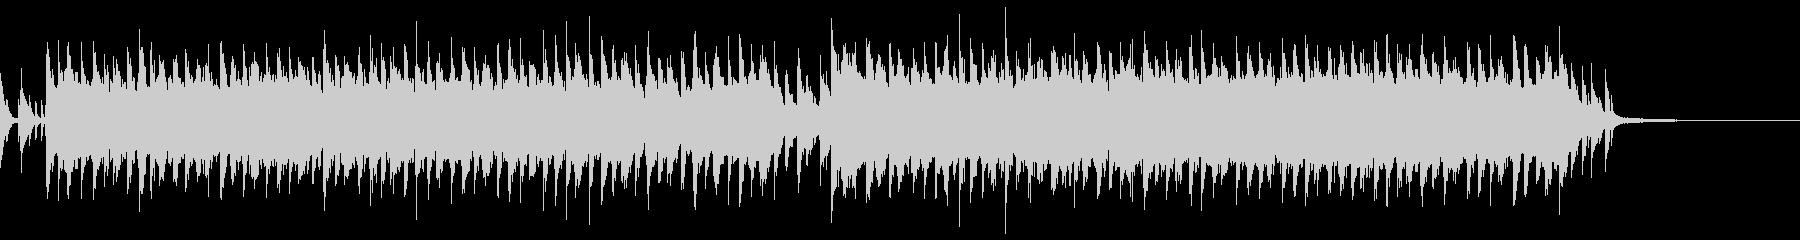 エレキウクレレとエレクトロが融合した曲…の未再生の波形